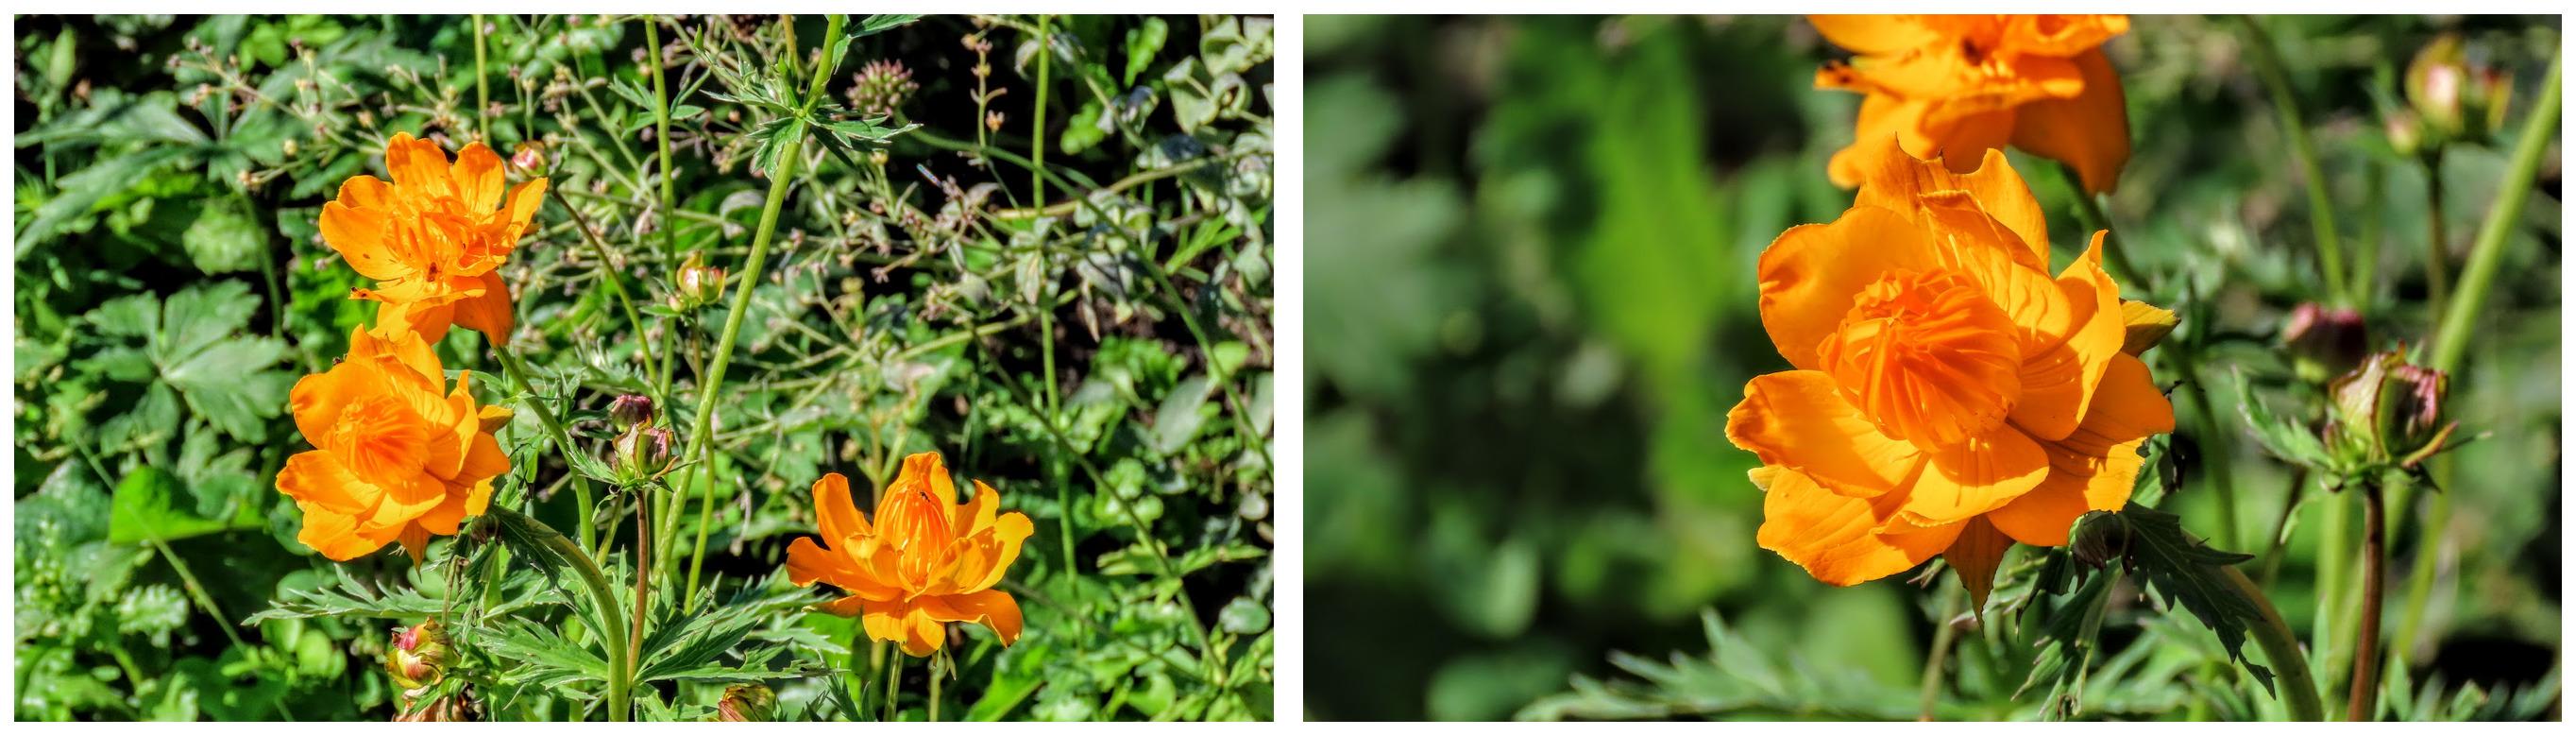 imgonline-com-ua-Collage-d-N4-FE6-LZk0q